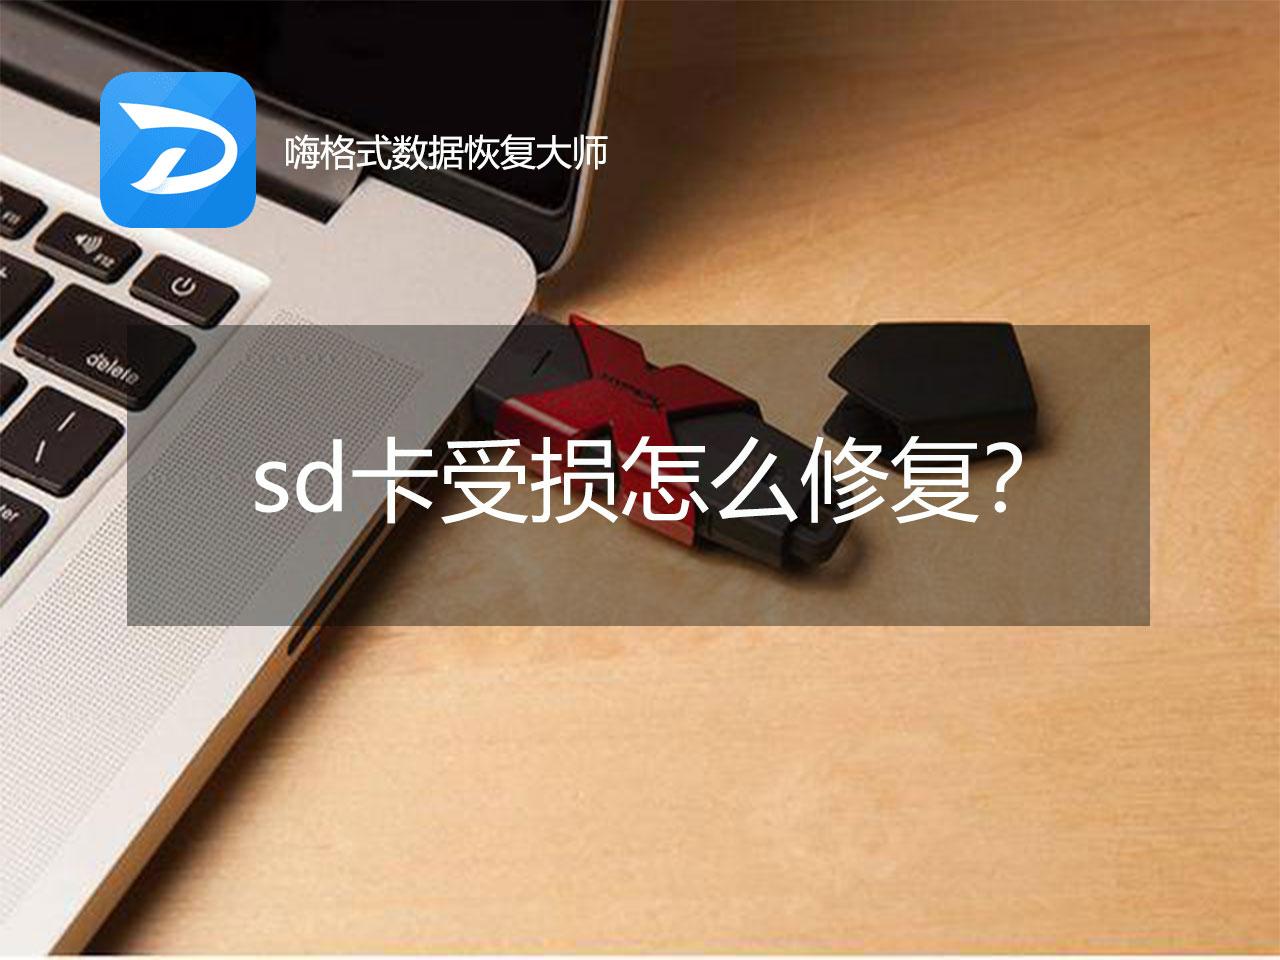 sd卡受损怎么修复?